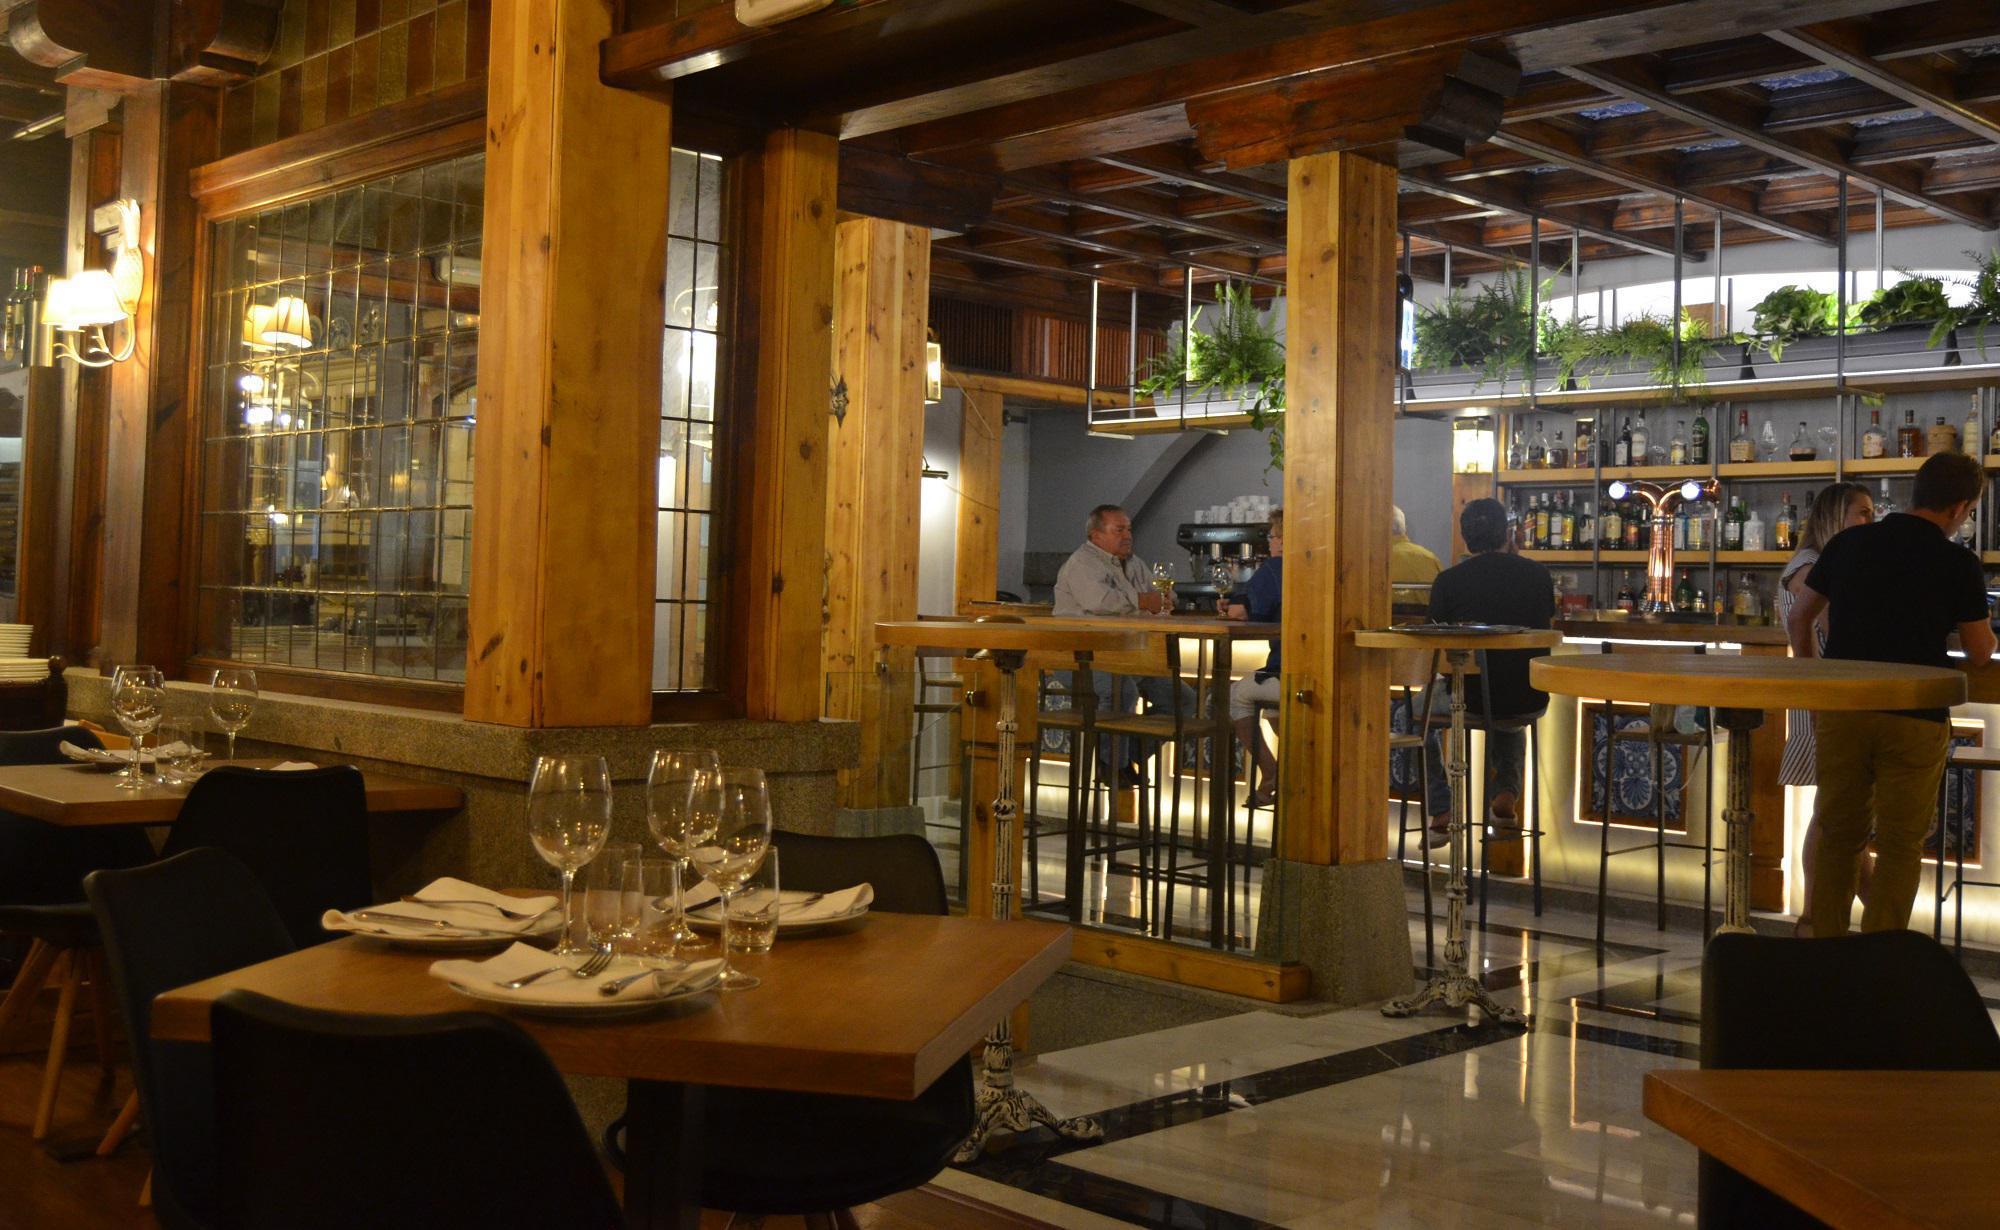 Muebles tienda nueva jedula obtenga ideas dise o de muebles para su hogar aqu - Tiendas de muebles en chiclana ...